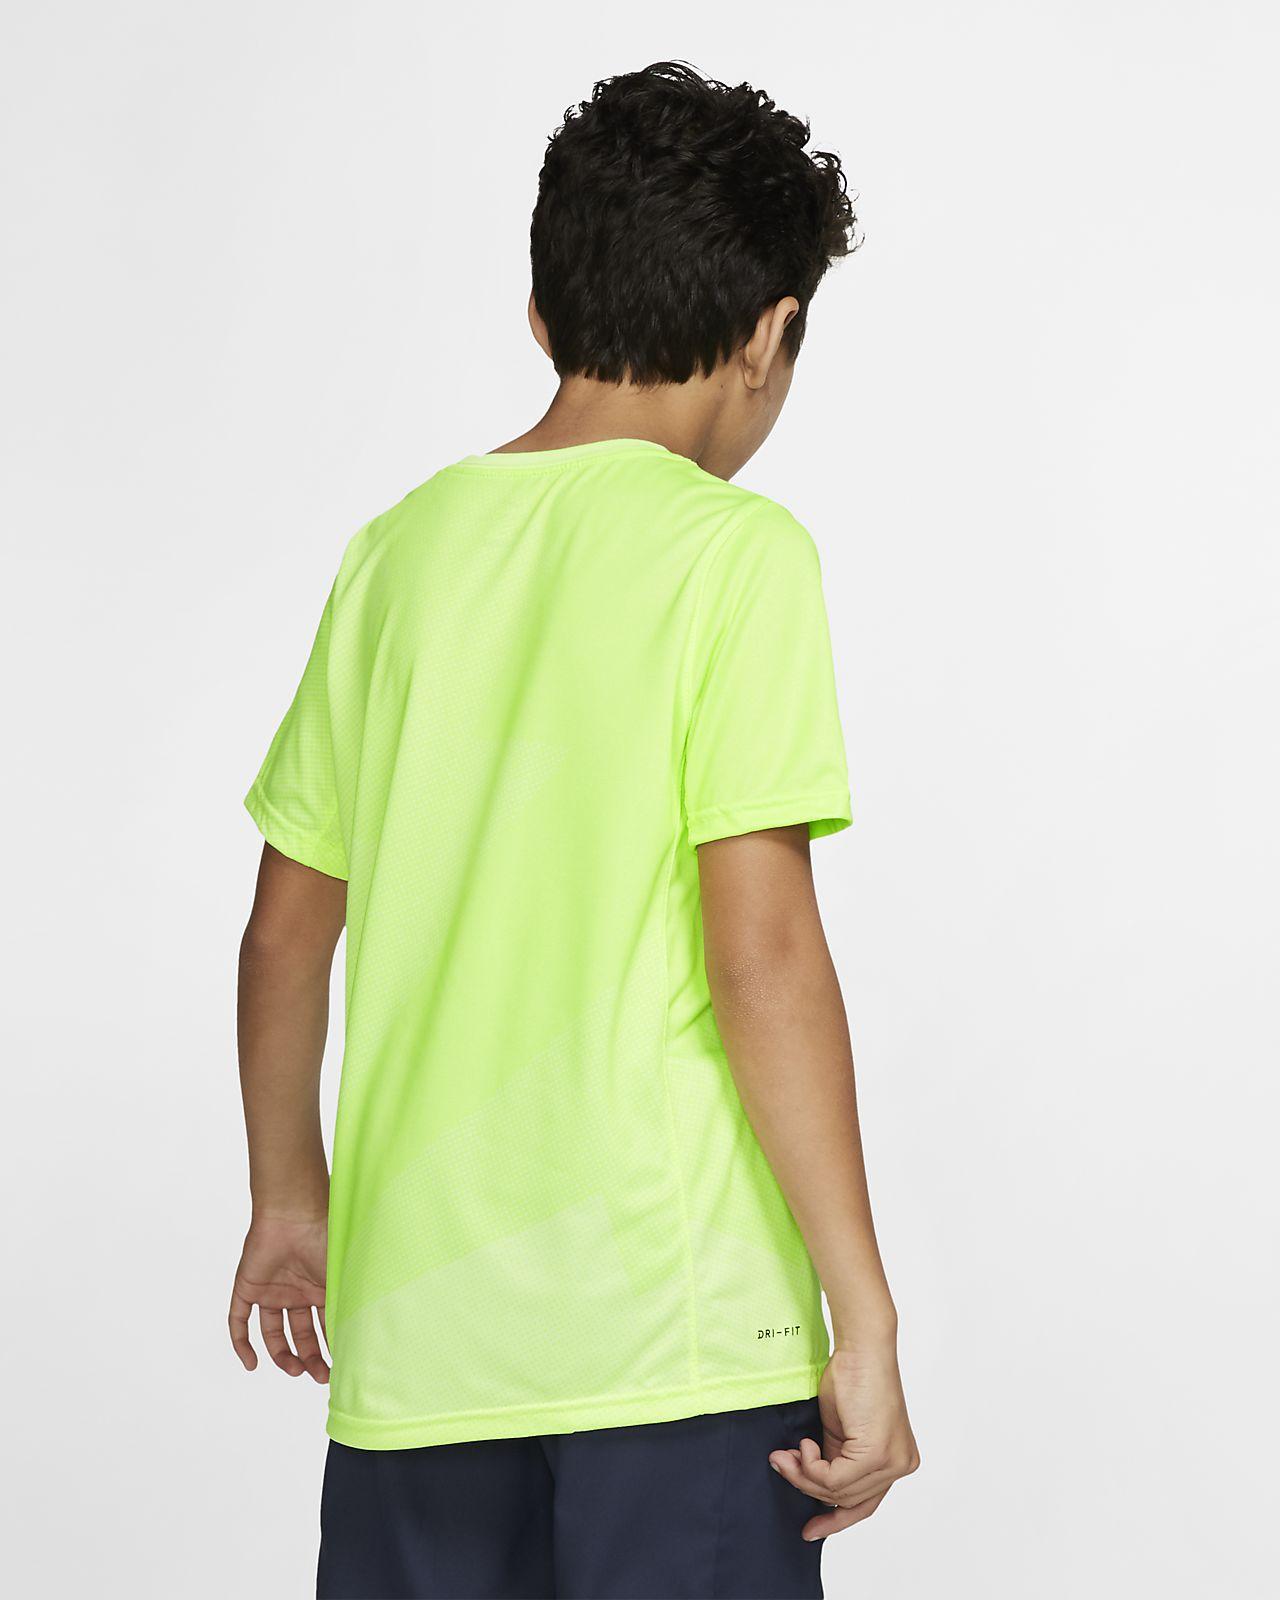 new style 87e69 f4b3c Rafa Tennis-T-Shirt für ältere Kinder (Jungen)